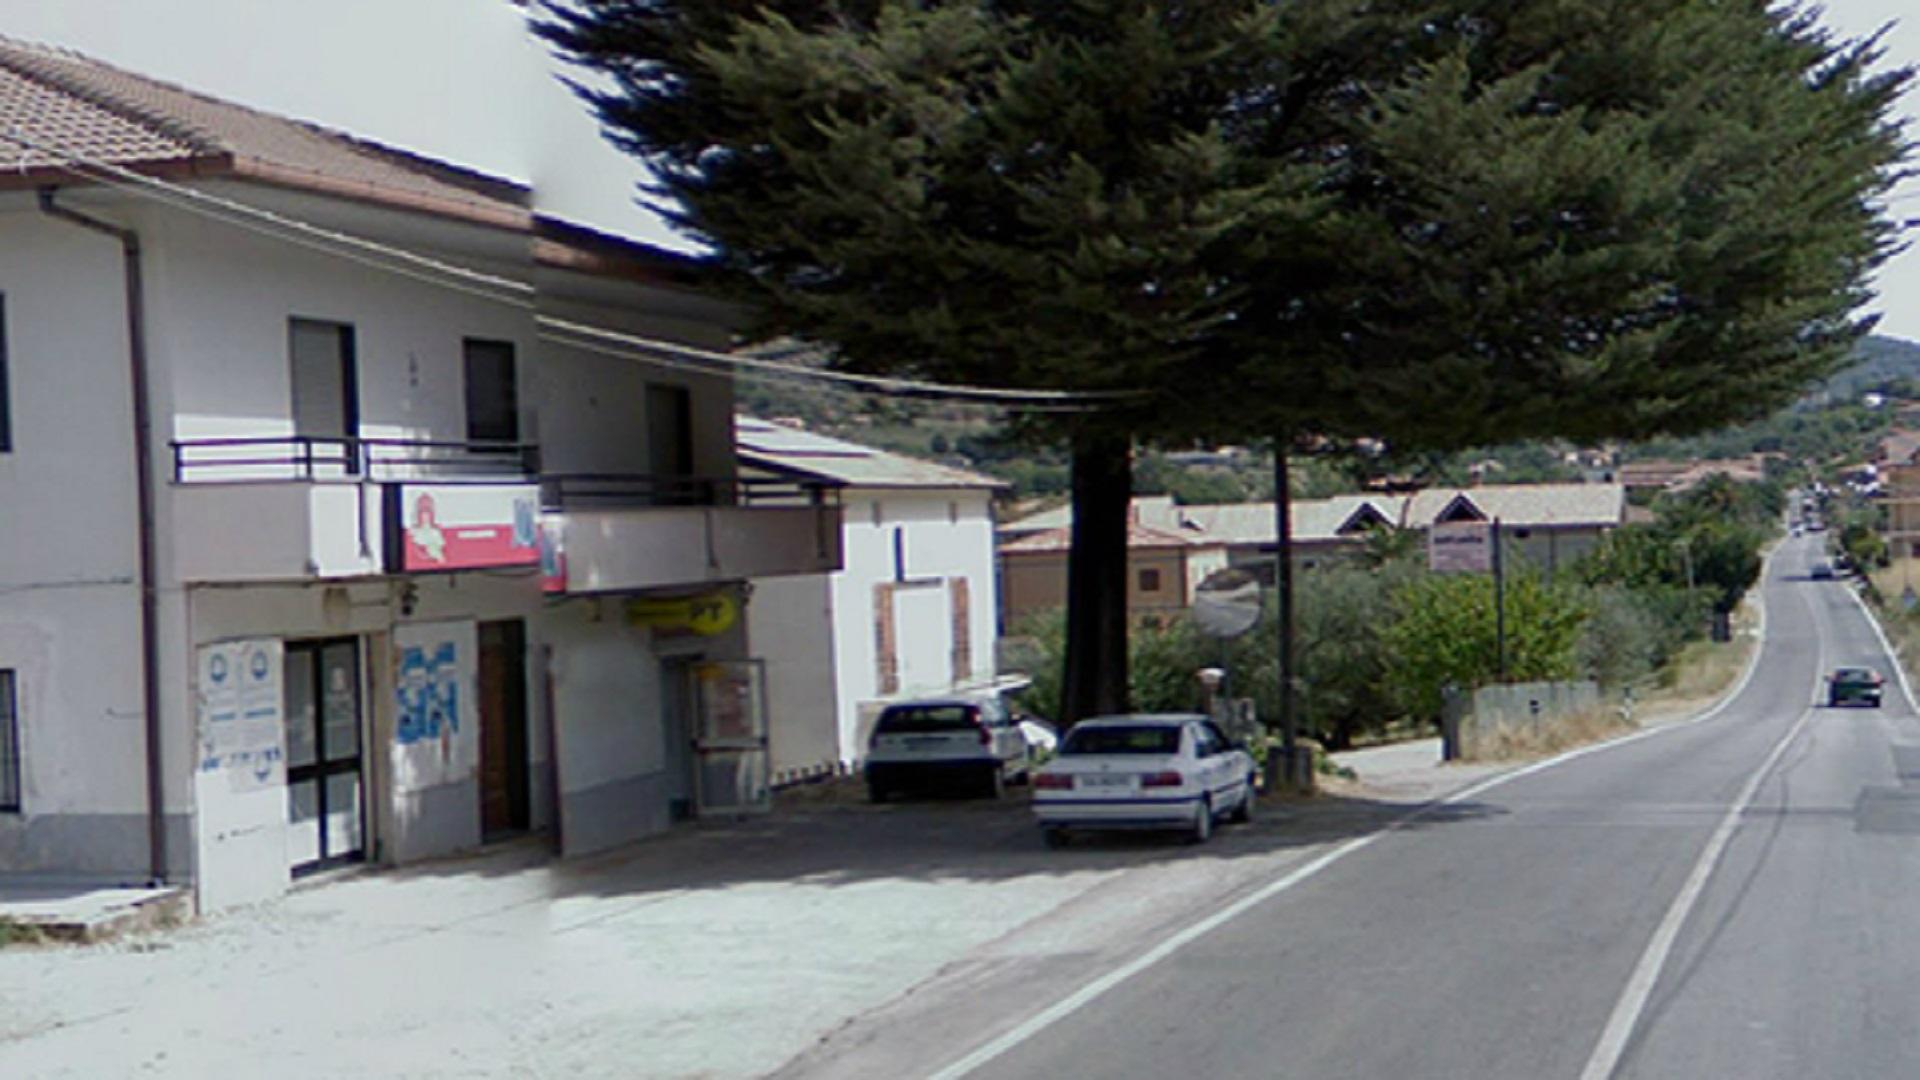 ufficio postale fonte di roccadaspide